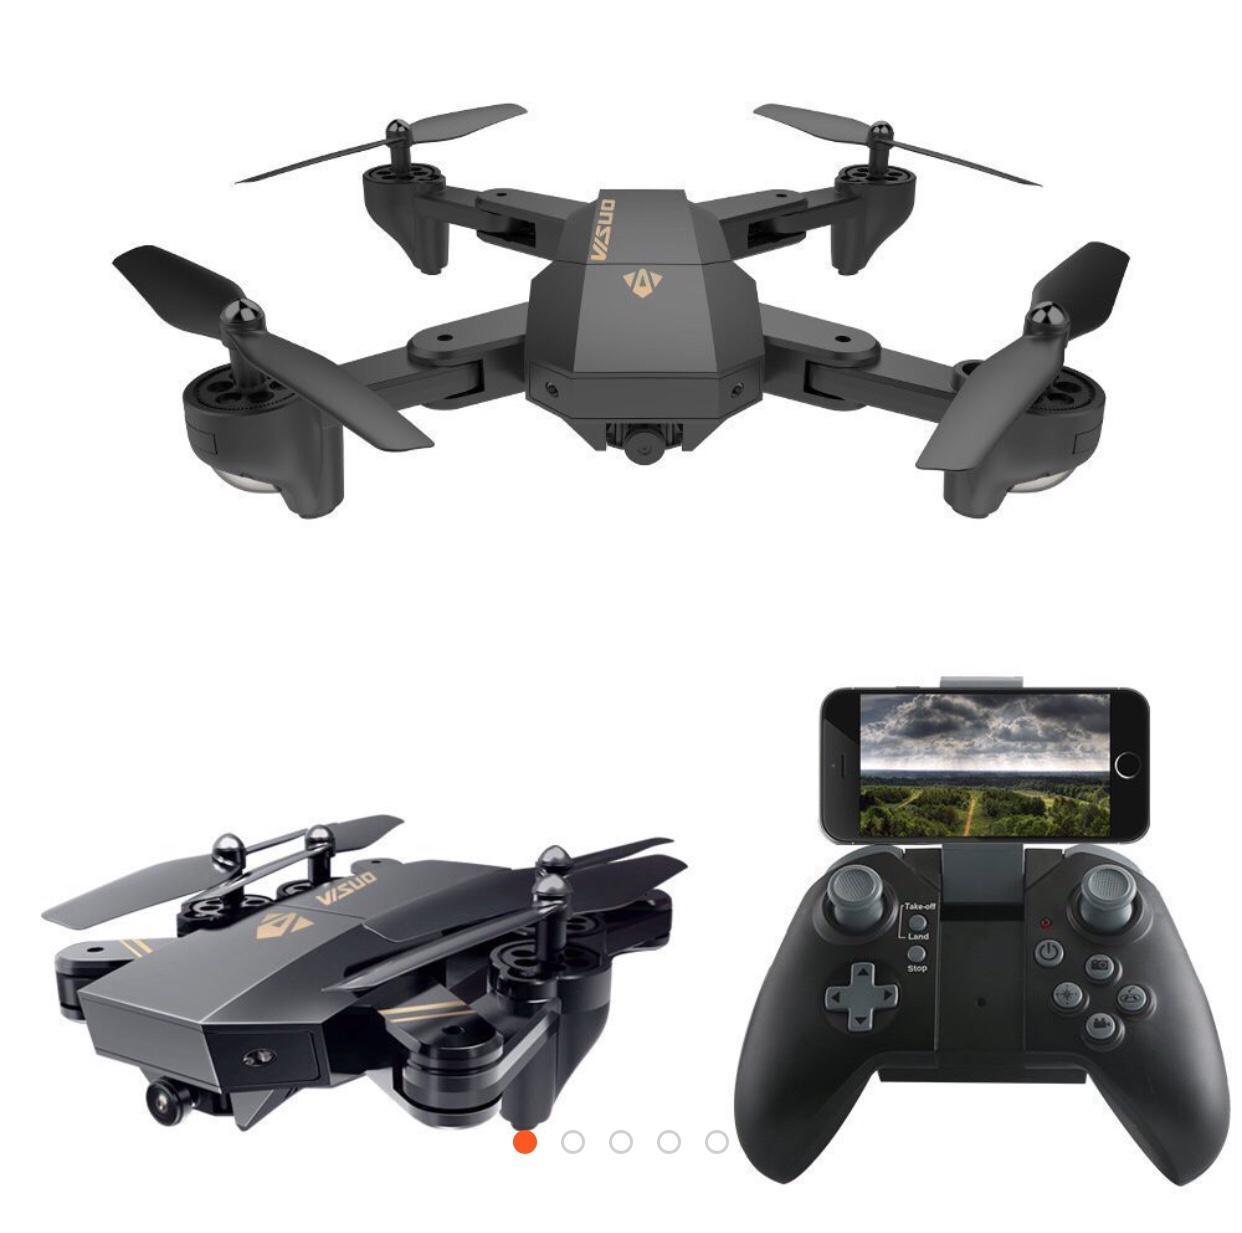 Mã Khuyến Mại Flycam Visuo Xs809W May Bay Canh Gấp Bỏ Tui Điều Khiển Từ Xa Camera Hd Truyền Hinh Trực Tiếp Tich Hợp Chế Độ Khong Đầu Đuoi Nhao Lộn 360 Độ Tự Động Quay Về Oem